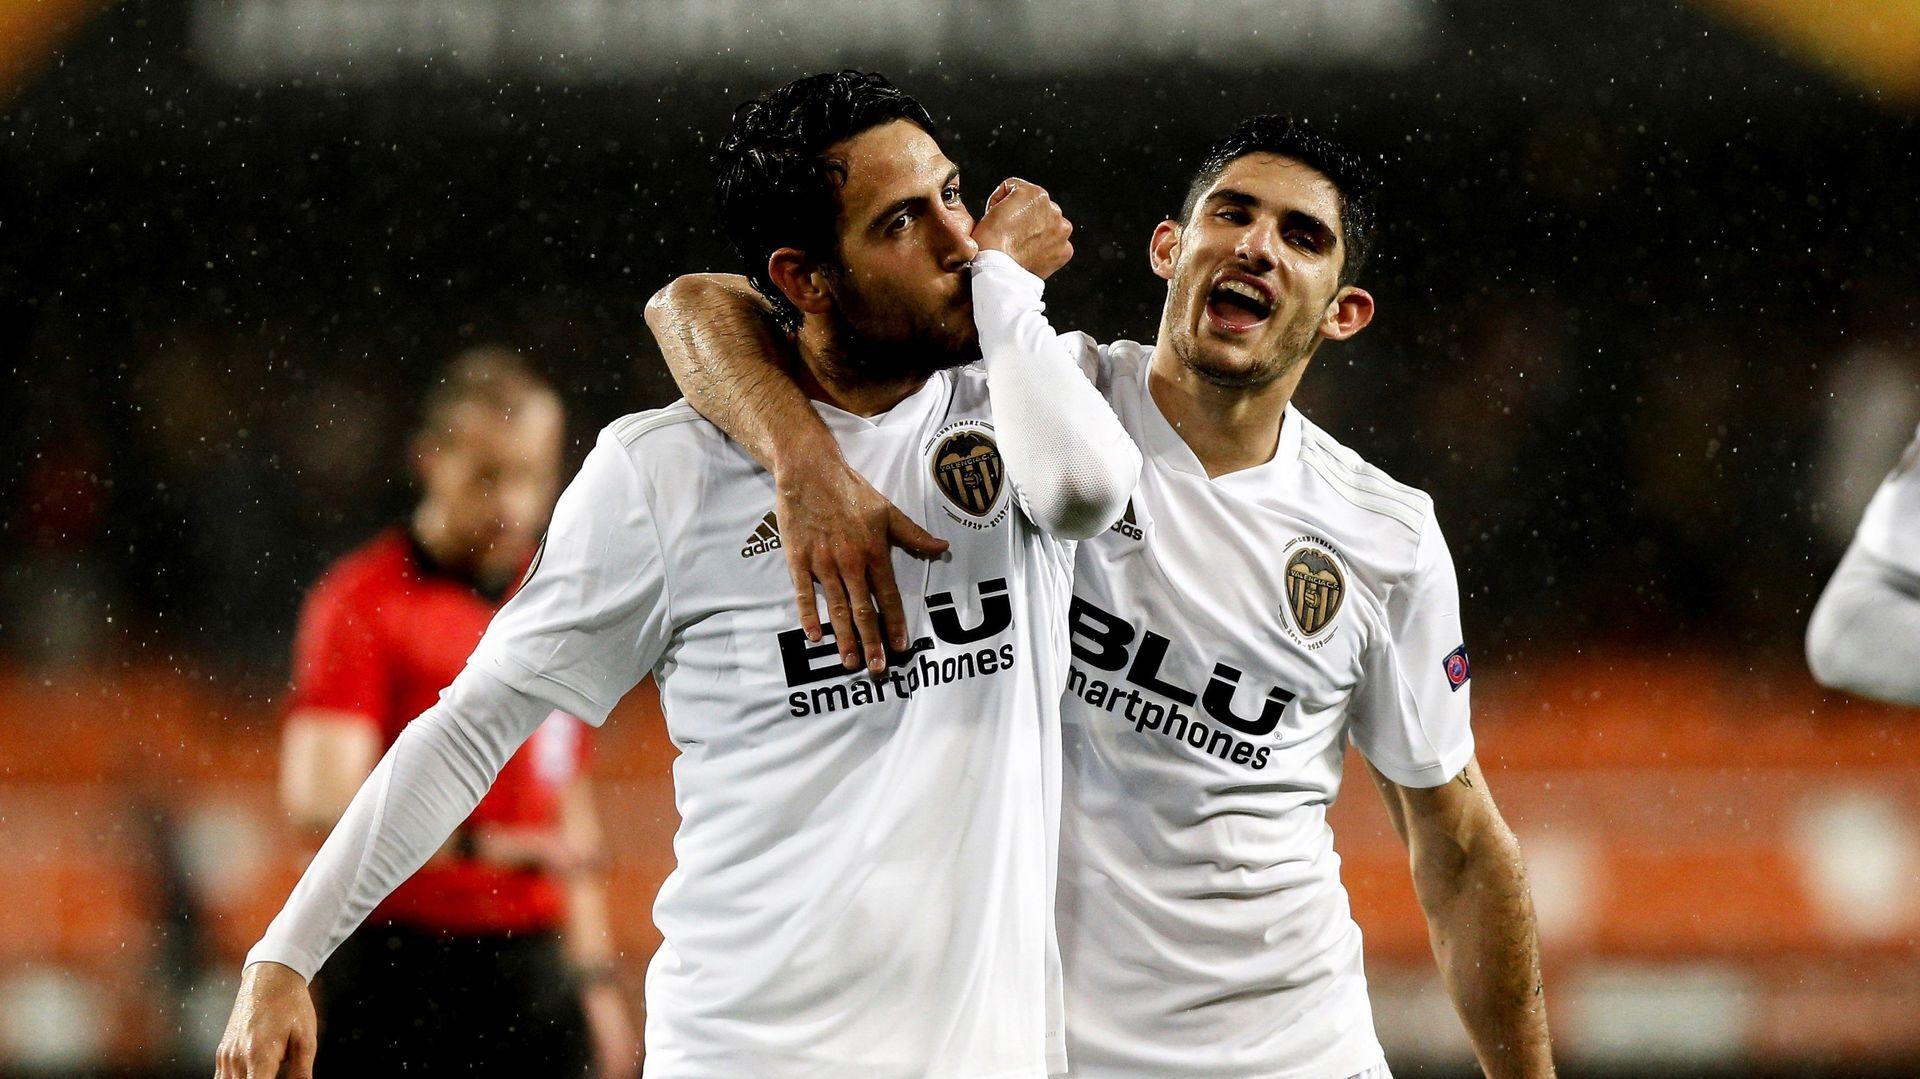 El Valencia vuelve a superar al Villarreal y se mete en semifinales de la Europa League (2-0)